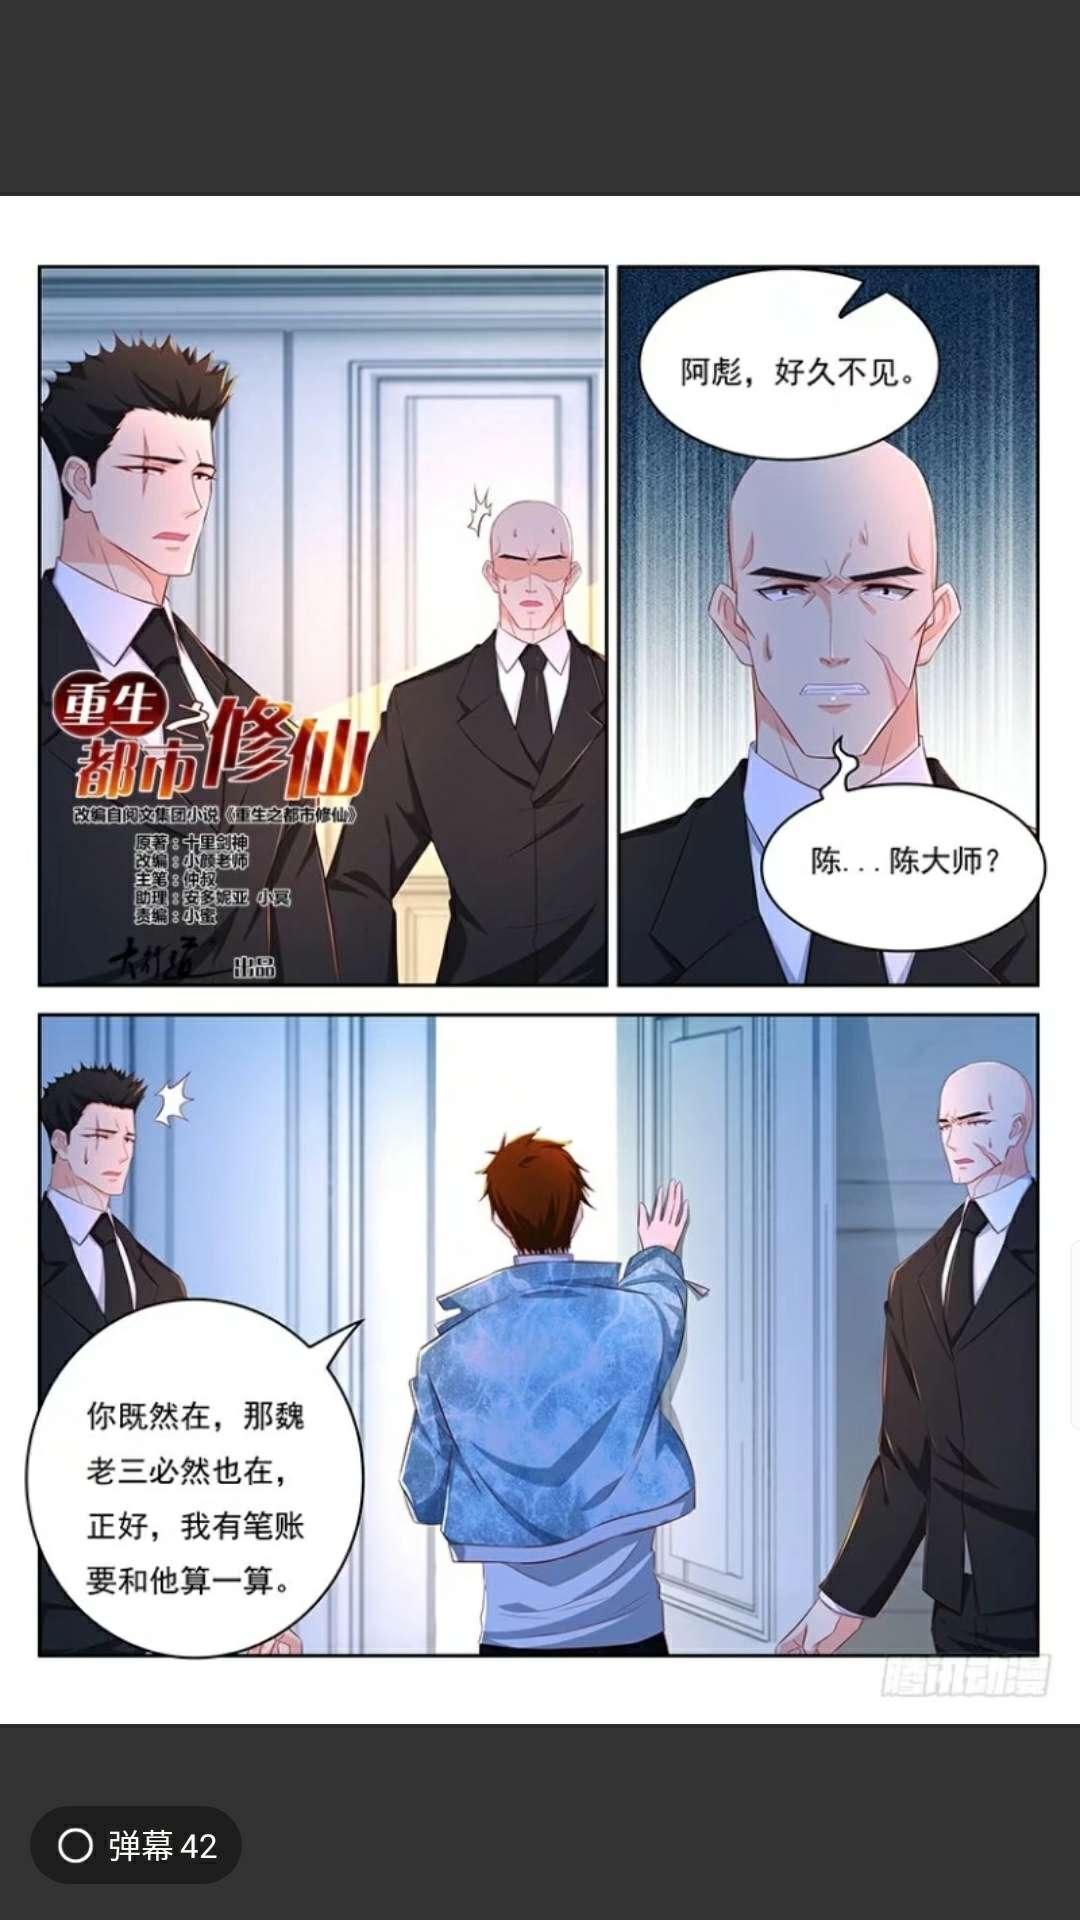 【漫画更新】重生之都市修仙(内有最新一话)